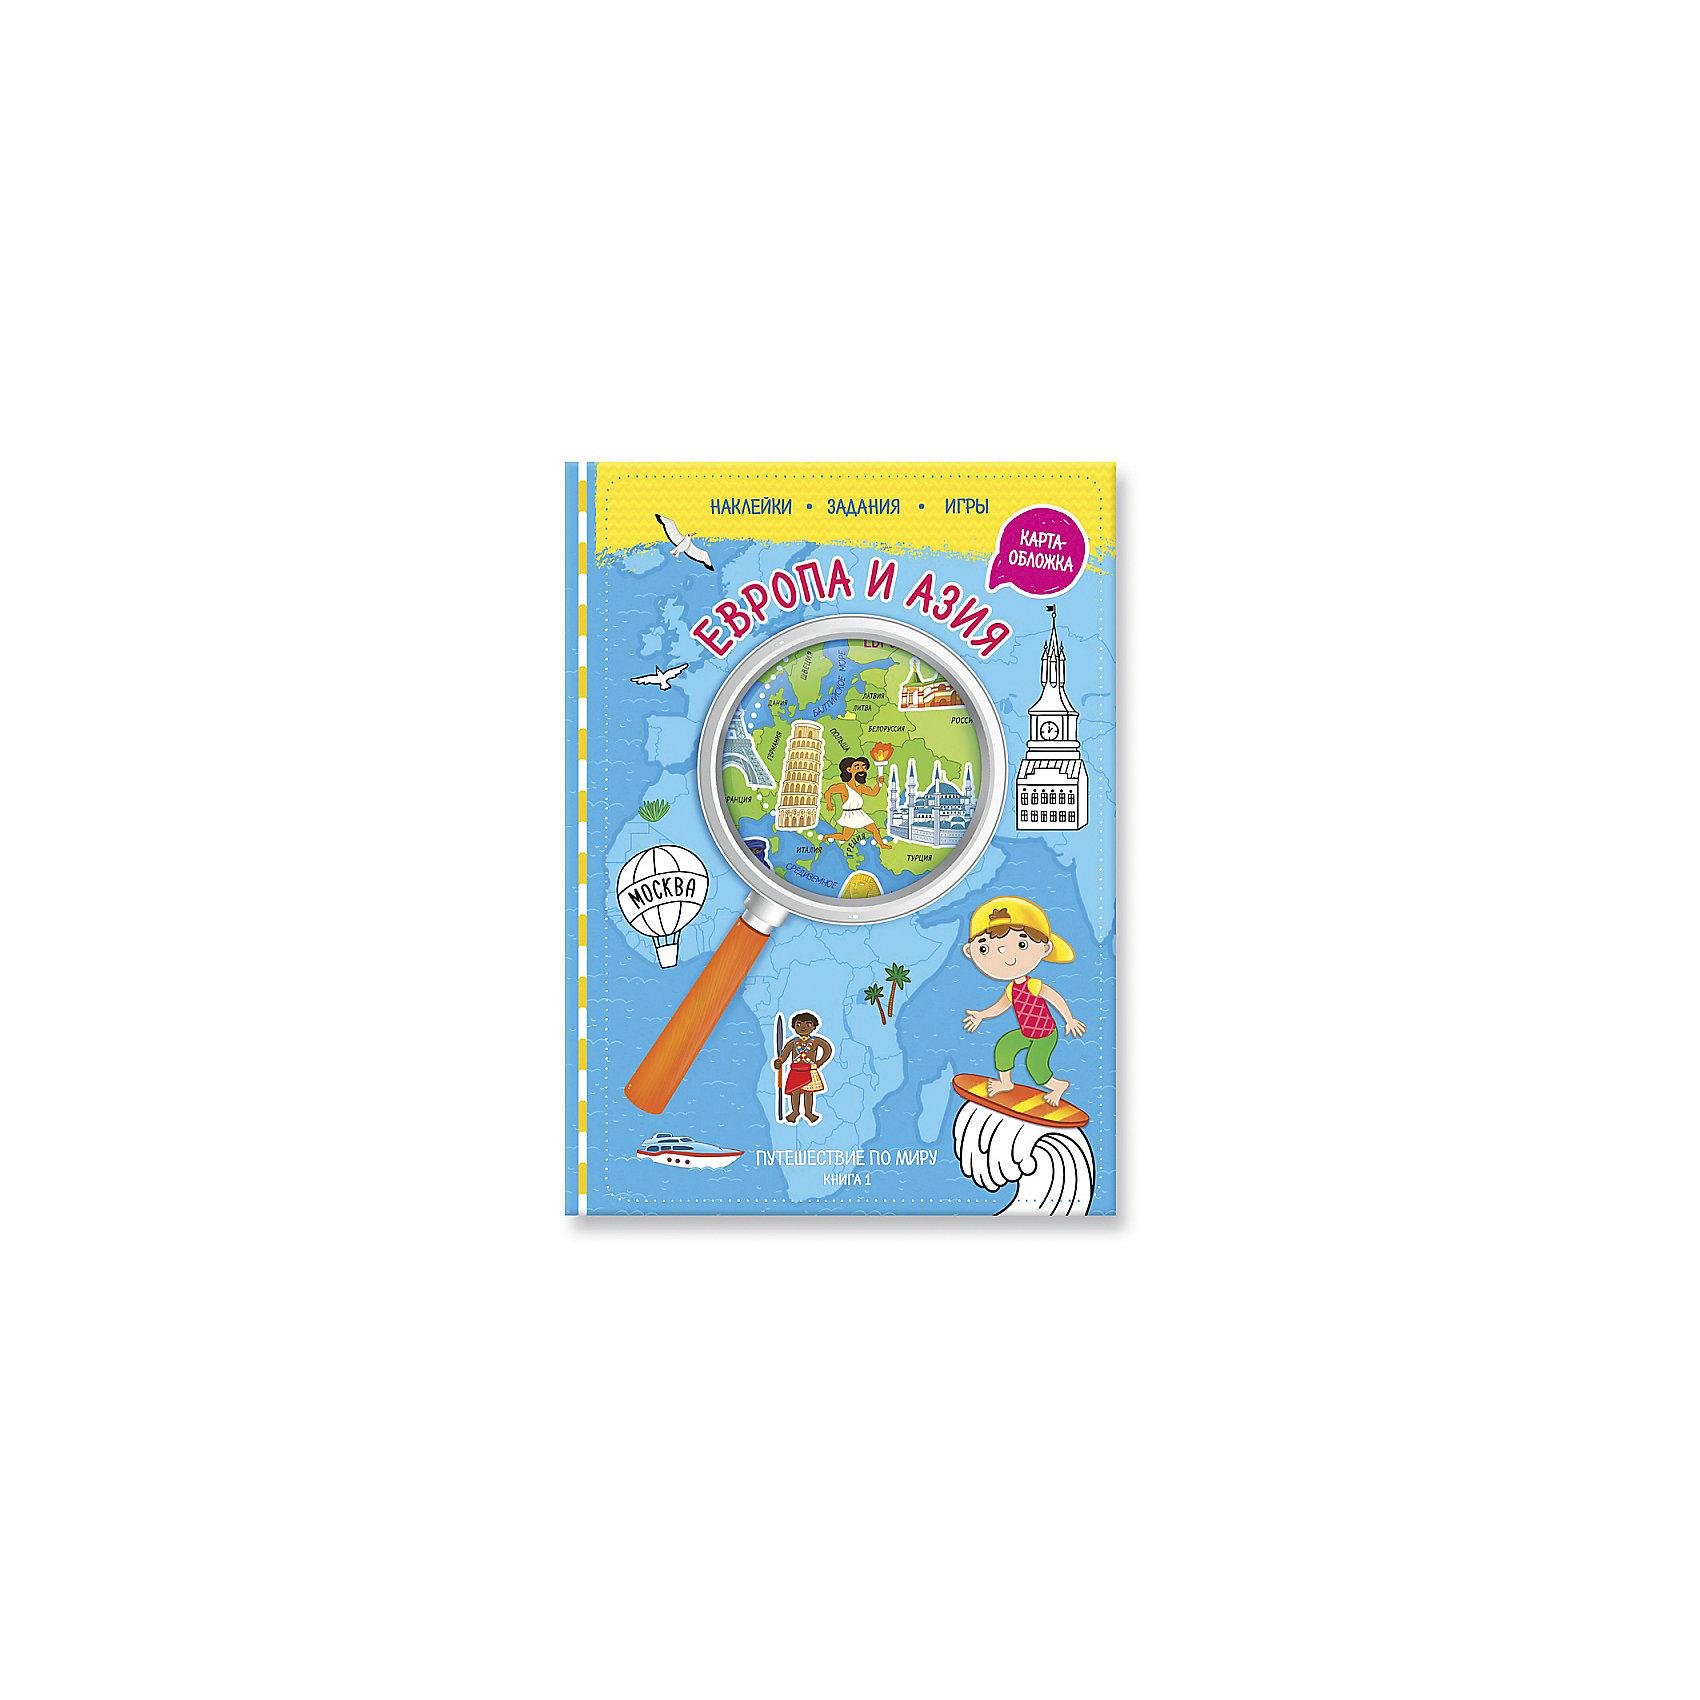 Книга 1 Европа и Азия с наклейками (+ карта мира), Путешествуй по мируПознакомьте ребёнка с книгой из новой серии «Путешествуй по миру».<br>Яркие иллюстрации, познавательные факты, интересные задания, мини-игры и наклейки помогут деткам исследовать удивительную старинную Европу и загадочную Азию.<br>А запланировать интересный маршрут путешествия можно с вложенным в книжку приятным бонусом – картой мира.<br>Учитесь, играя!<br>Мягкий переплет.<br><br>Ширина мм: 210<br>Глубина мм: 287<br>Высота мм: 5<br>Вес г: 102<br>Возраст от месяцев: 72<br>Возраст до месяцев: 108<br>Пол: Унисекс<br>Возраст: Детский<br>SKU: 5423032